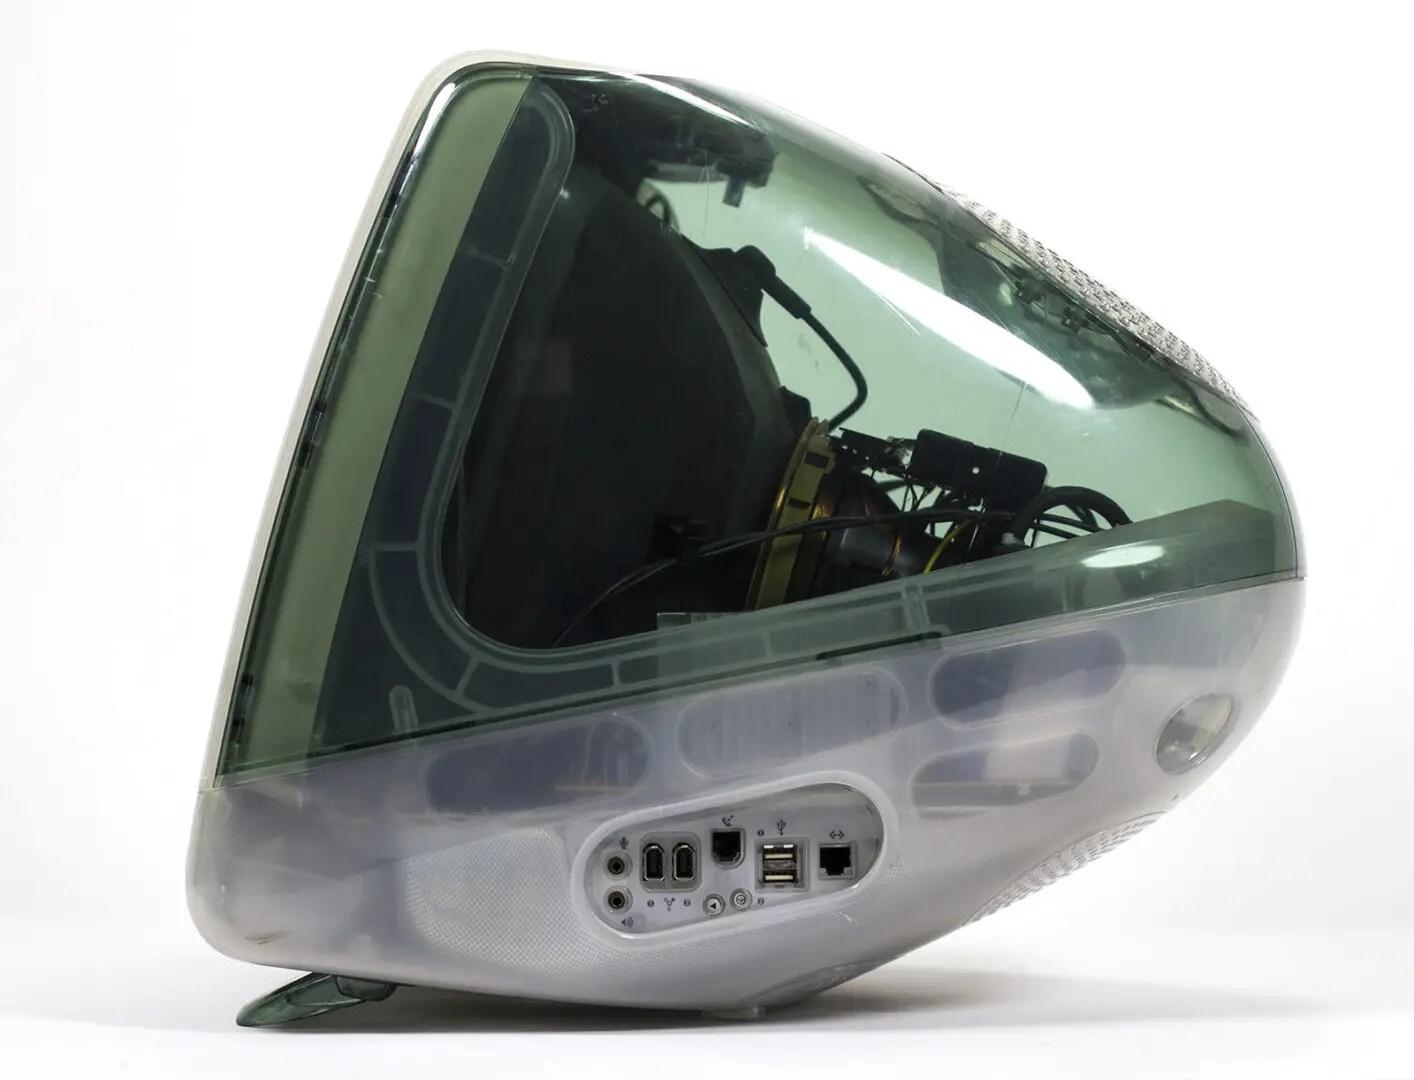 iMac DV+ Mid 2000